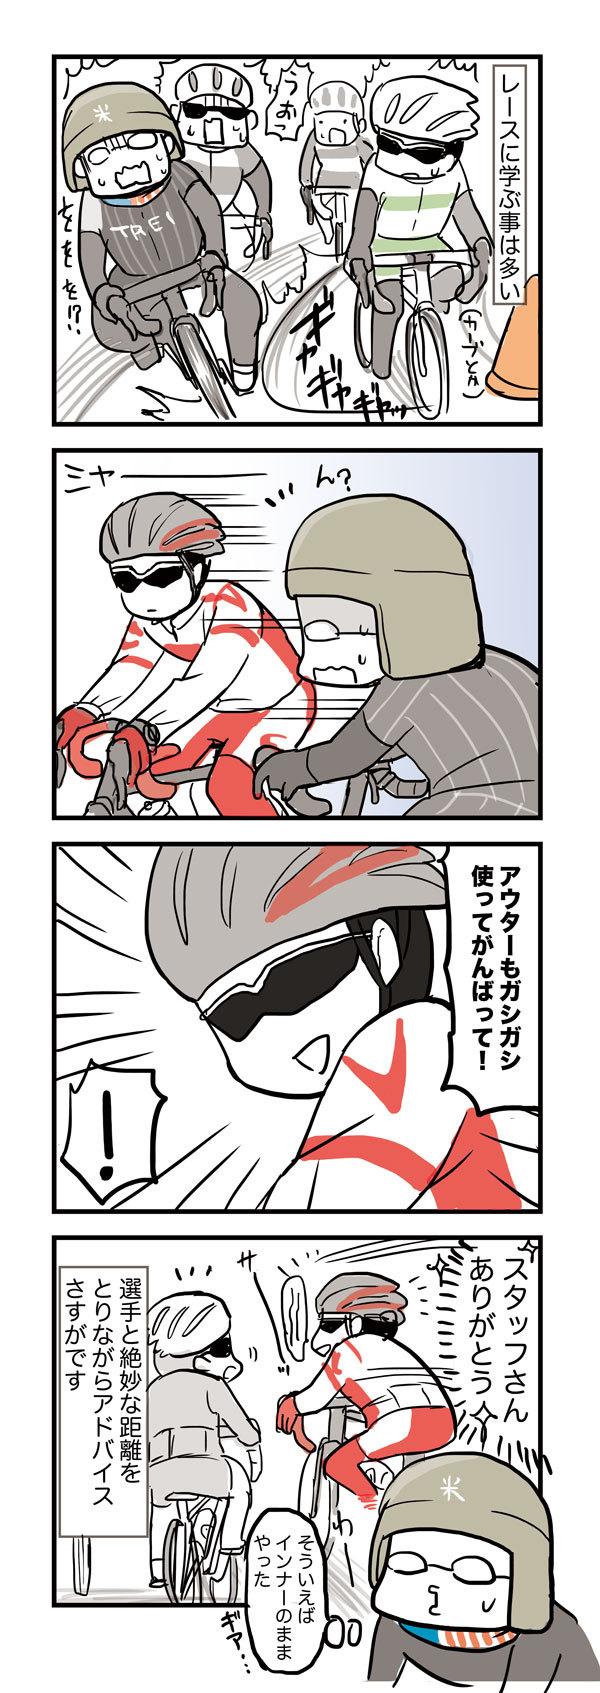 59_2 スタッフさん